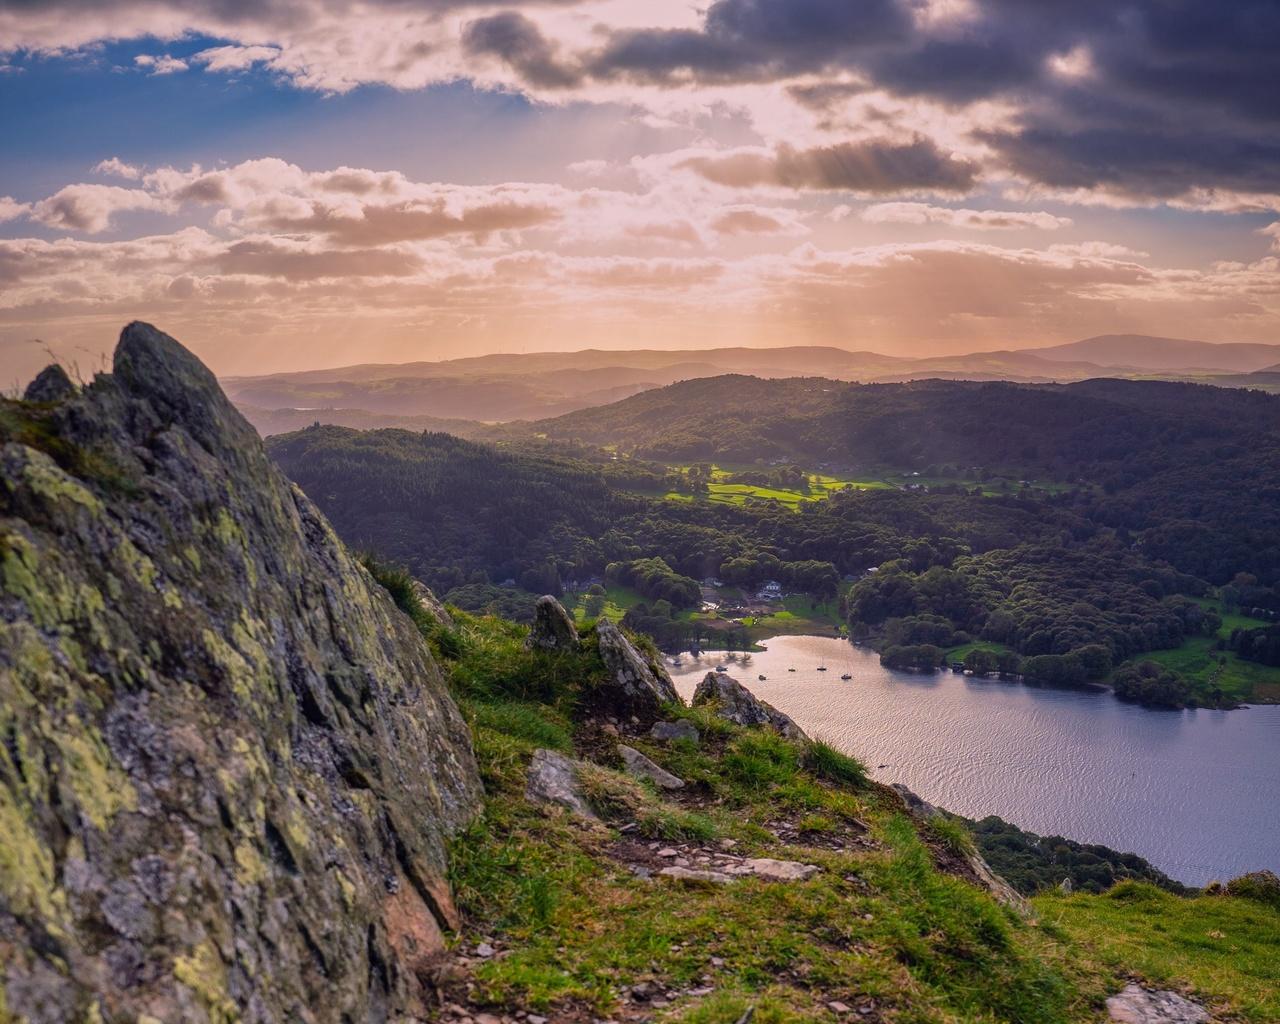 долина, скалы, холмы, озеро